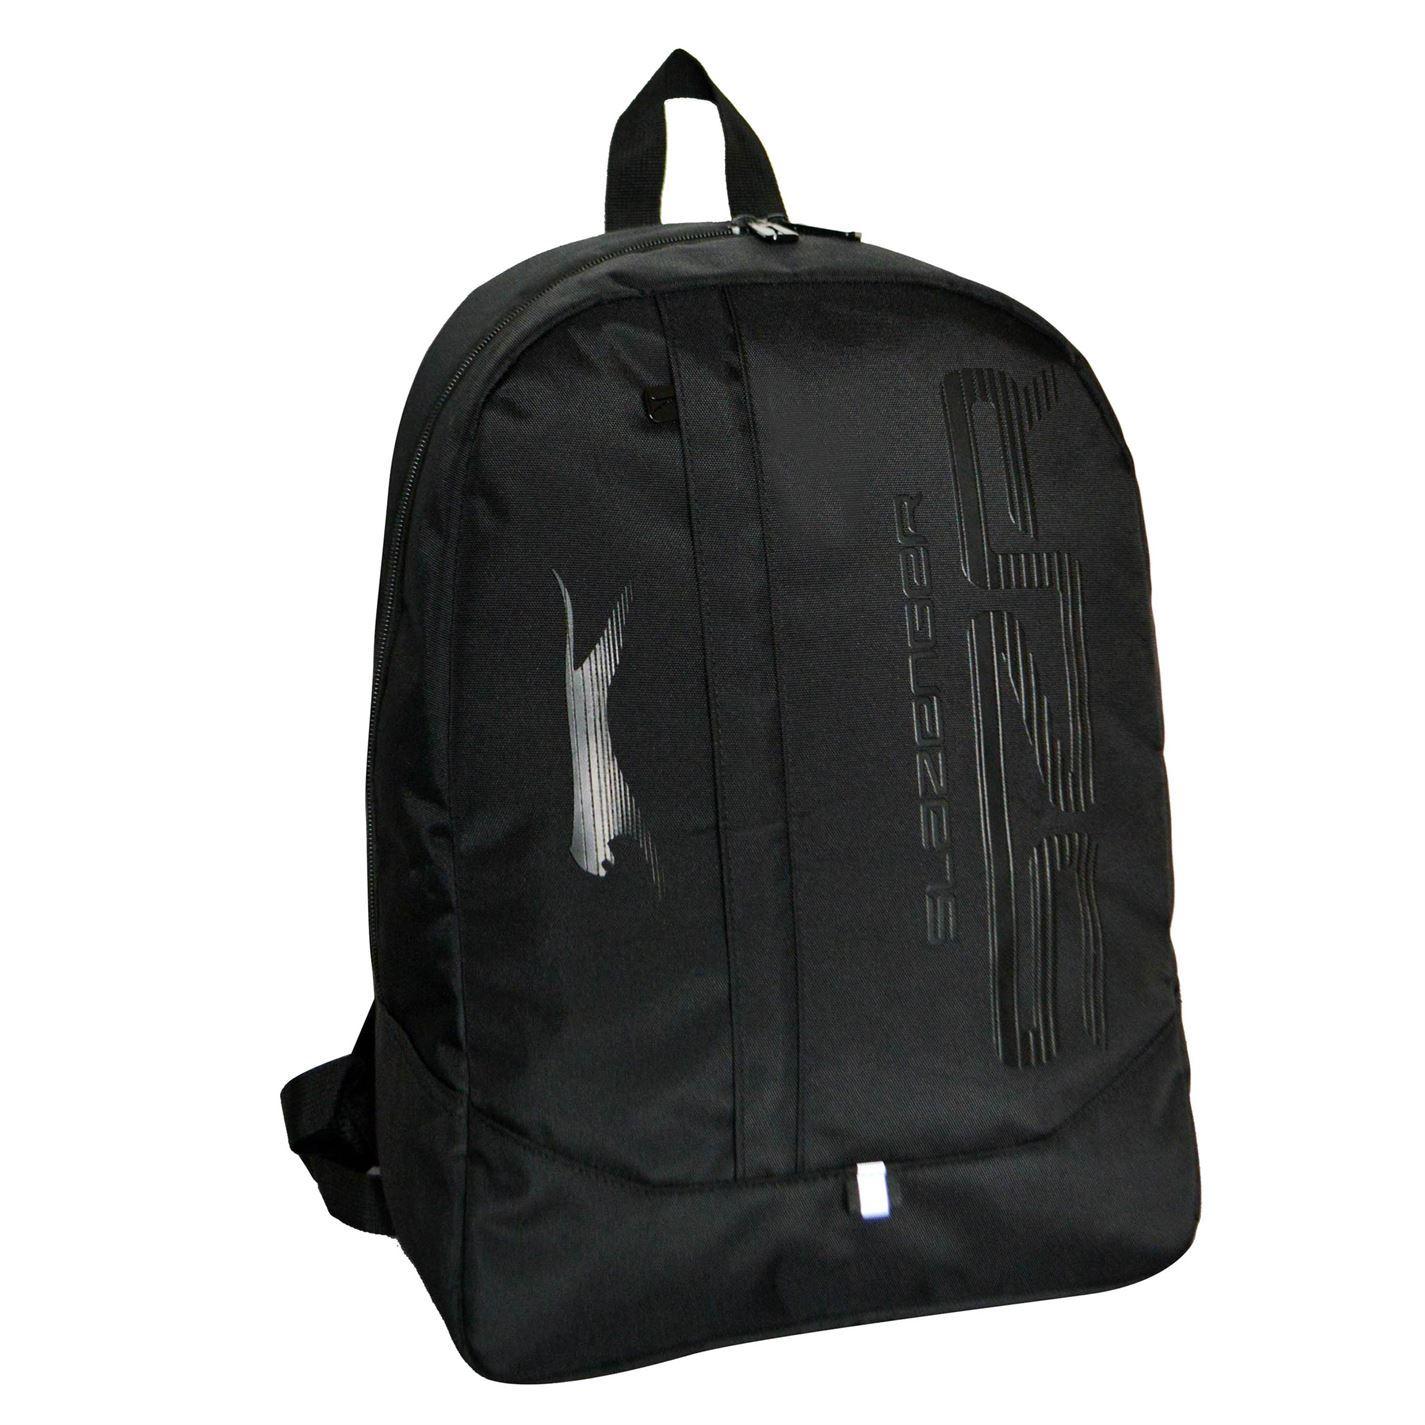 f1cd79776a Slazenger Backpacks Rucksack Backpack Bag Daypack